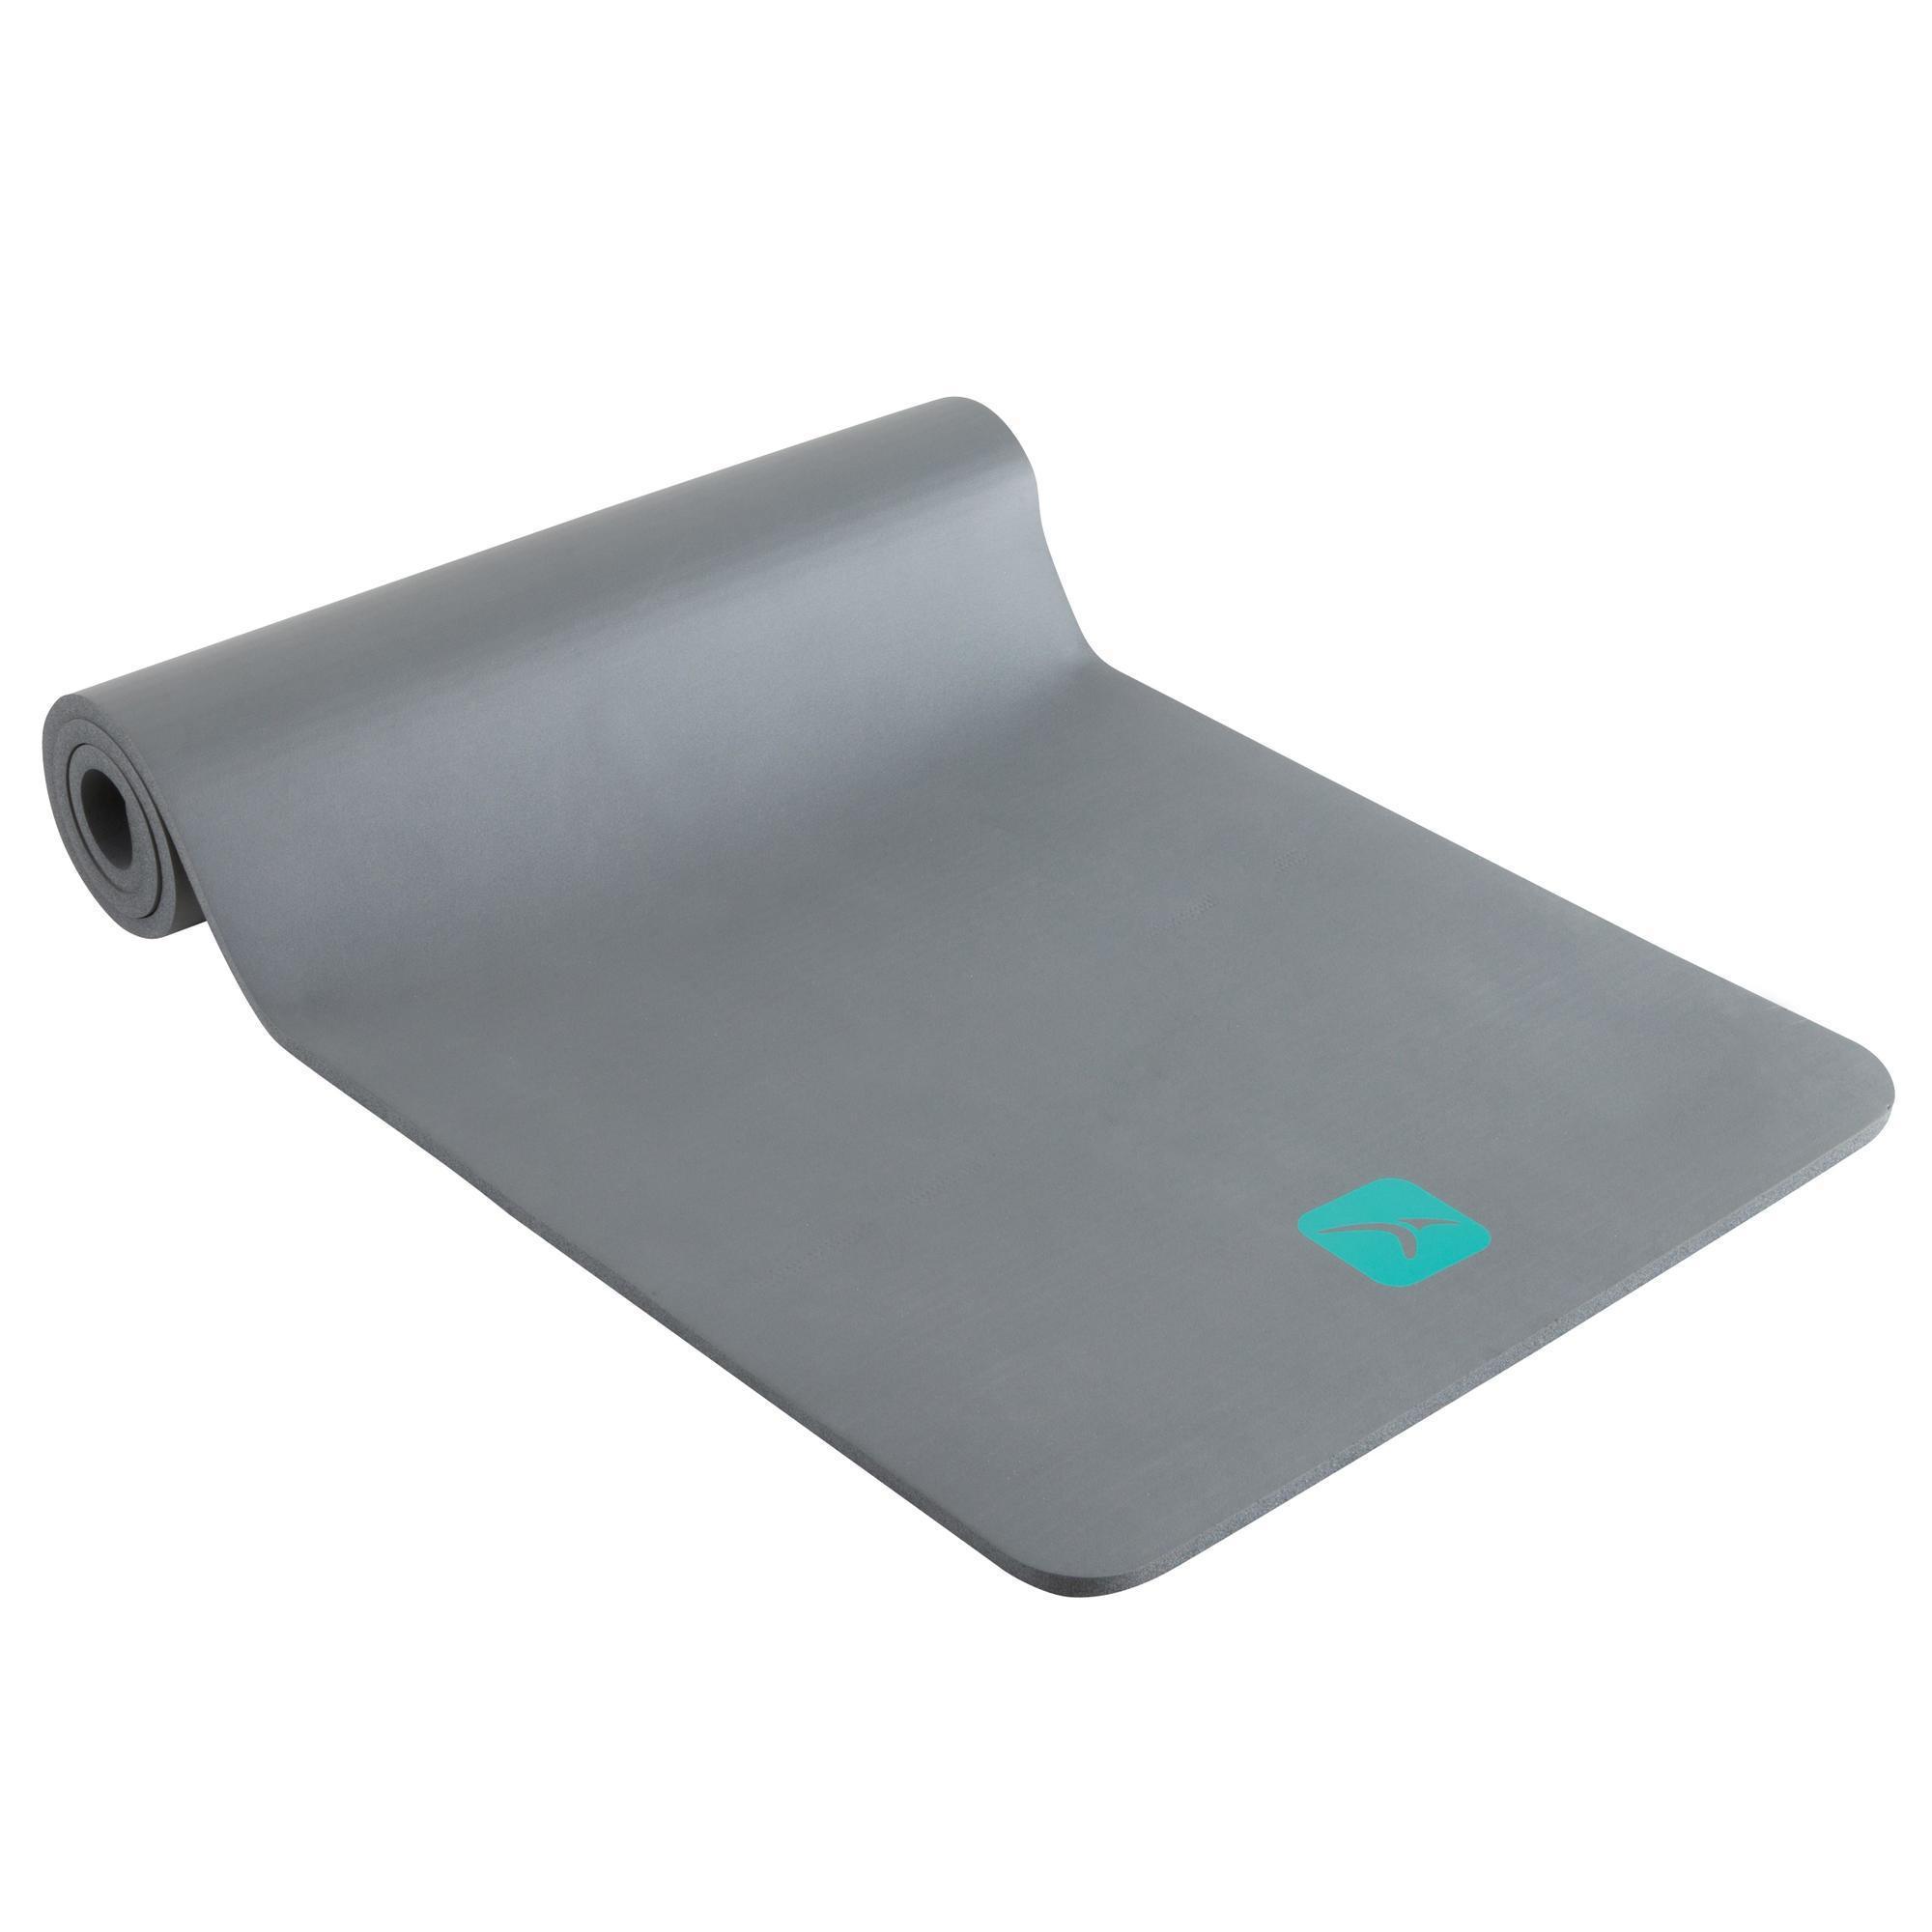 Comfort Pilates Mat - Grey